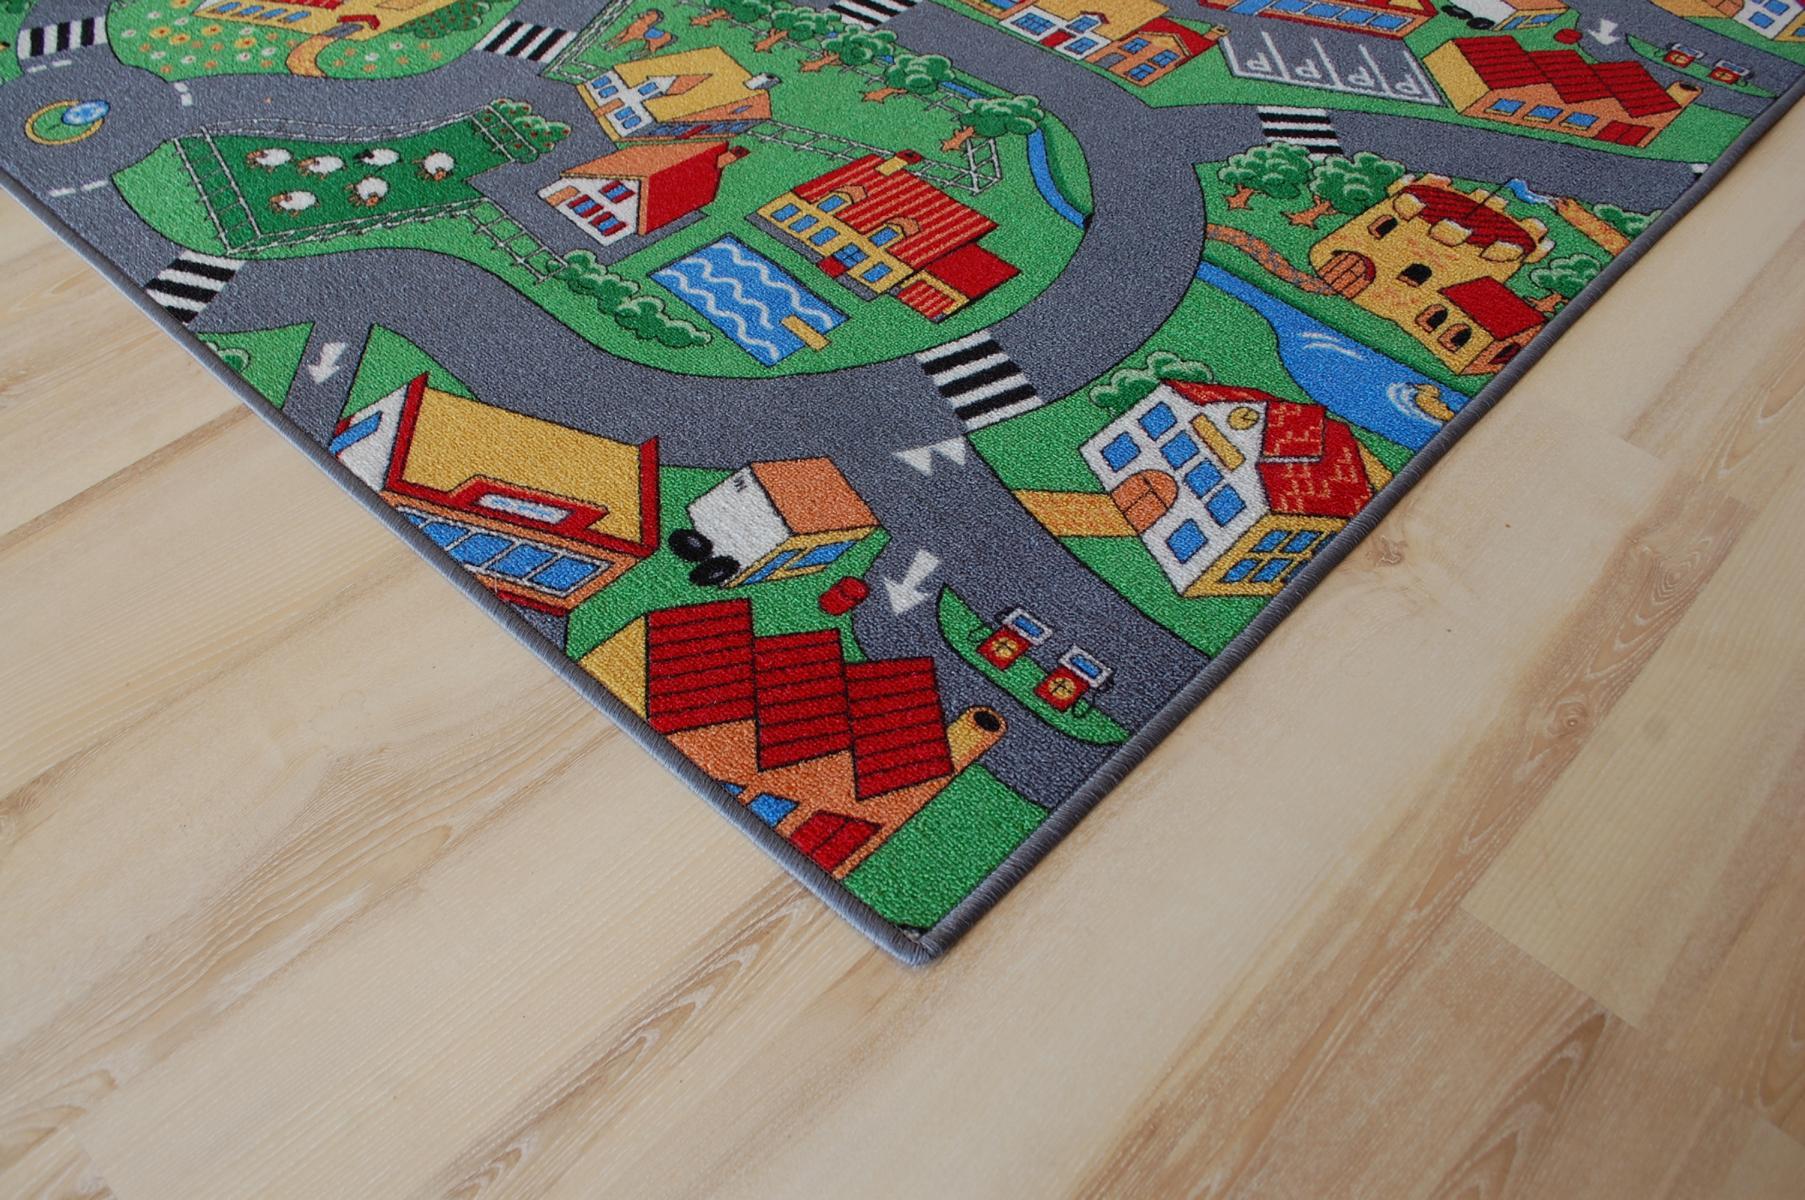 tapis routier tapis de jeu ferme 200x490 cm ebay. Black Bedroom Furniture Sets. Home Design Ideas